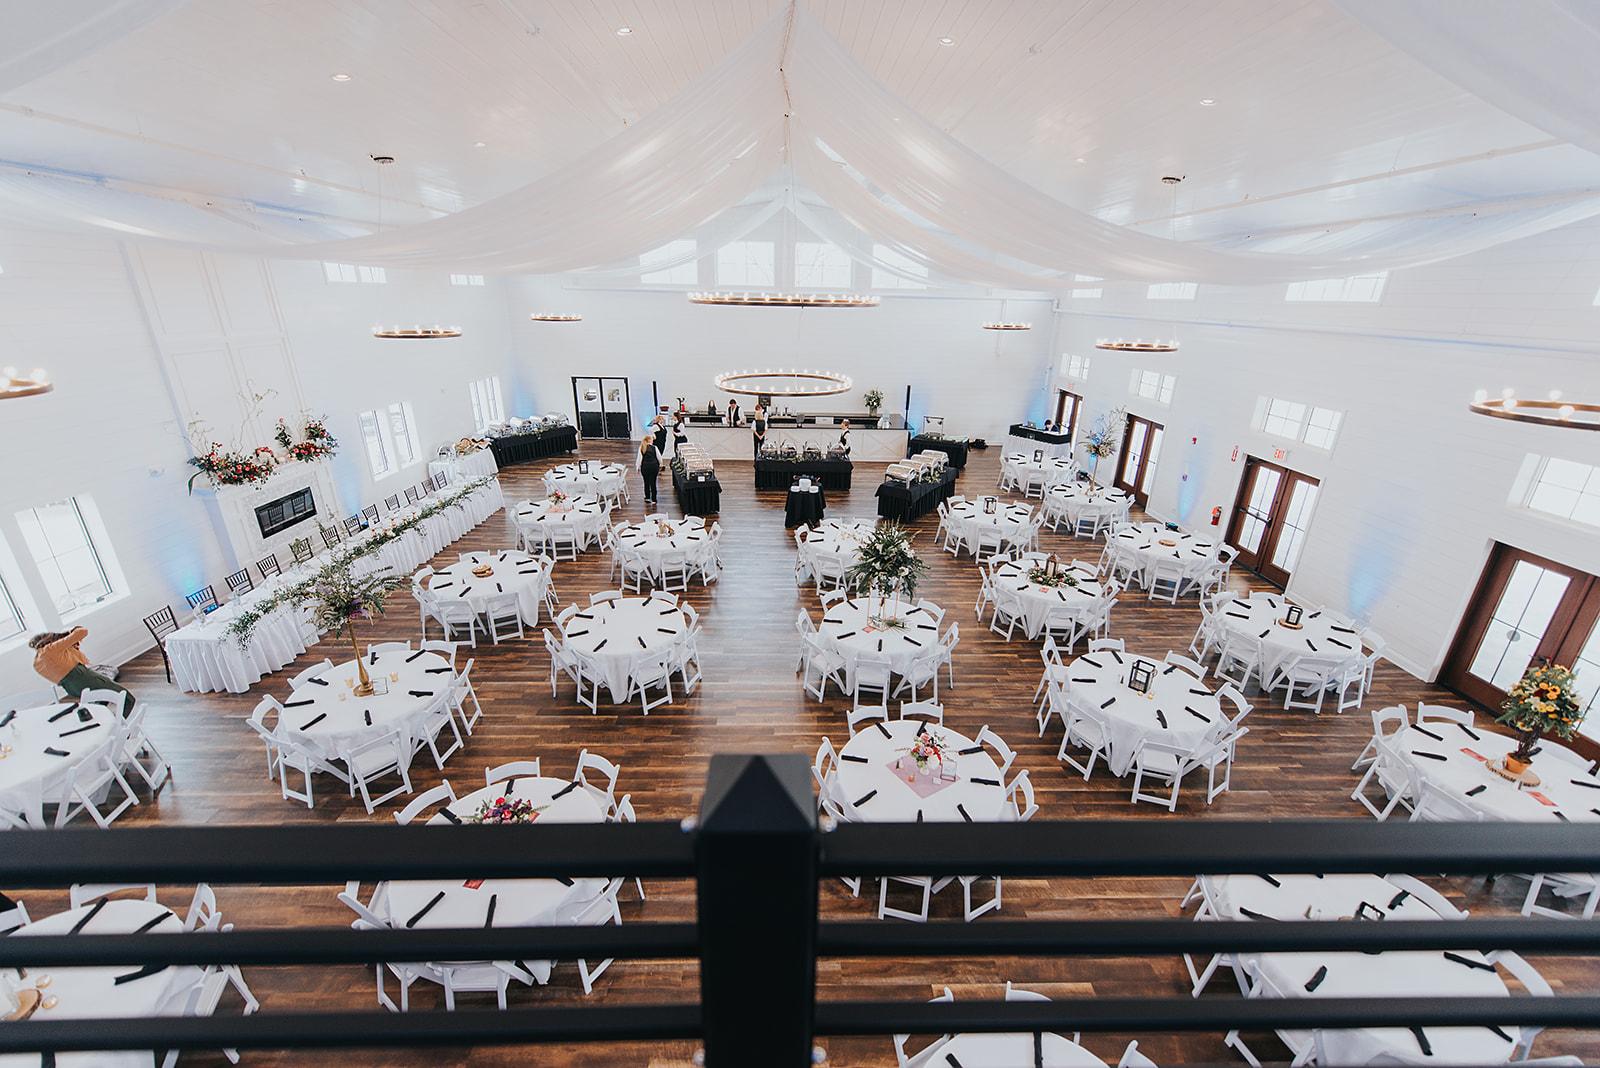 Ballroom - Balcony View